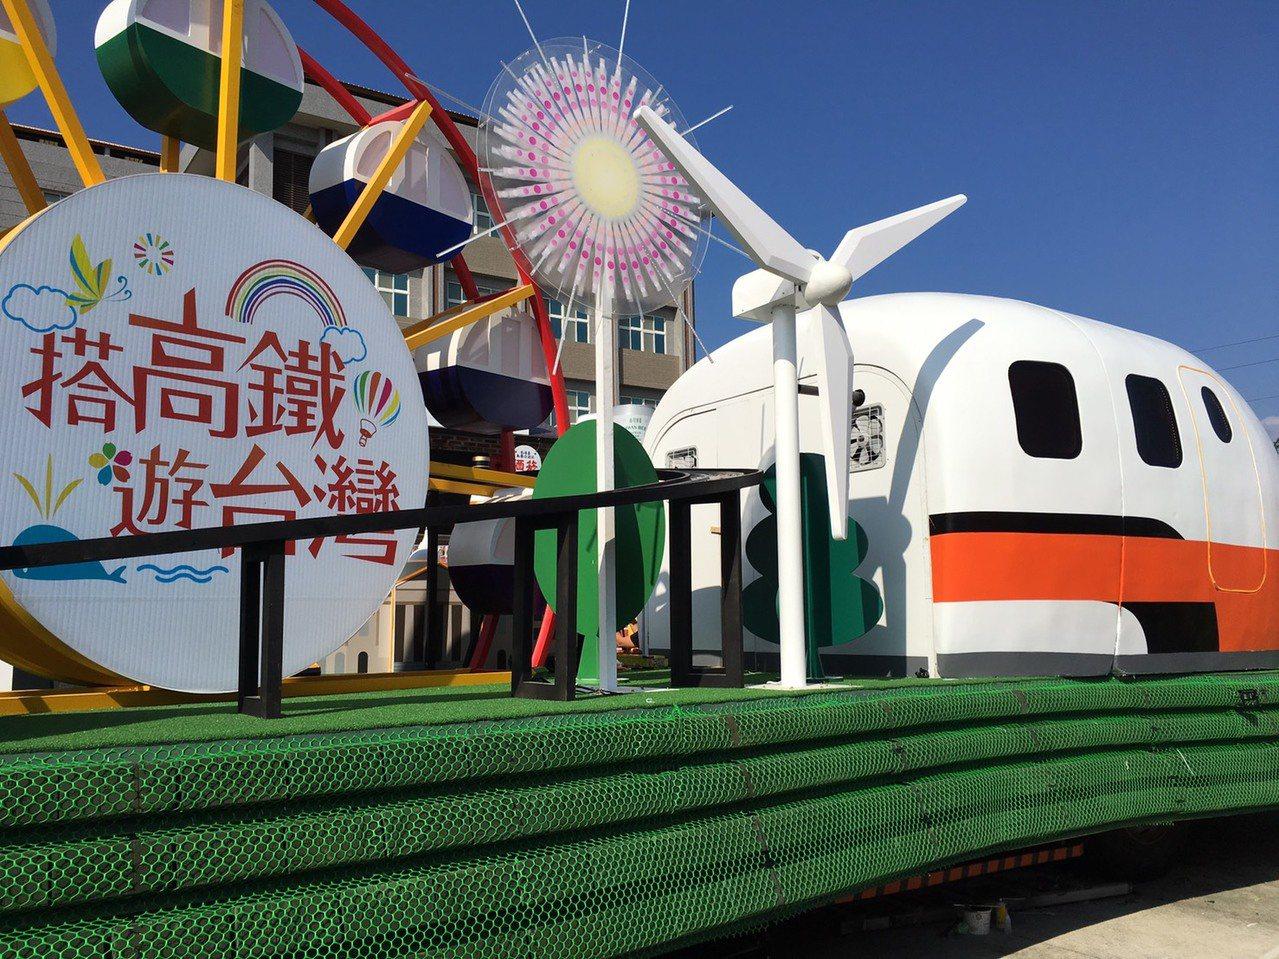 高鐵花車上還列車模型在軌道上行駛,設計非常精緻。記者吳姿賢/攝影